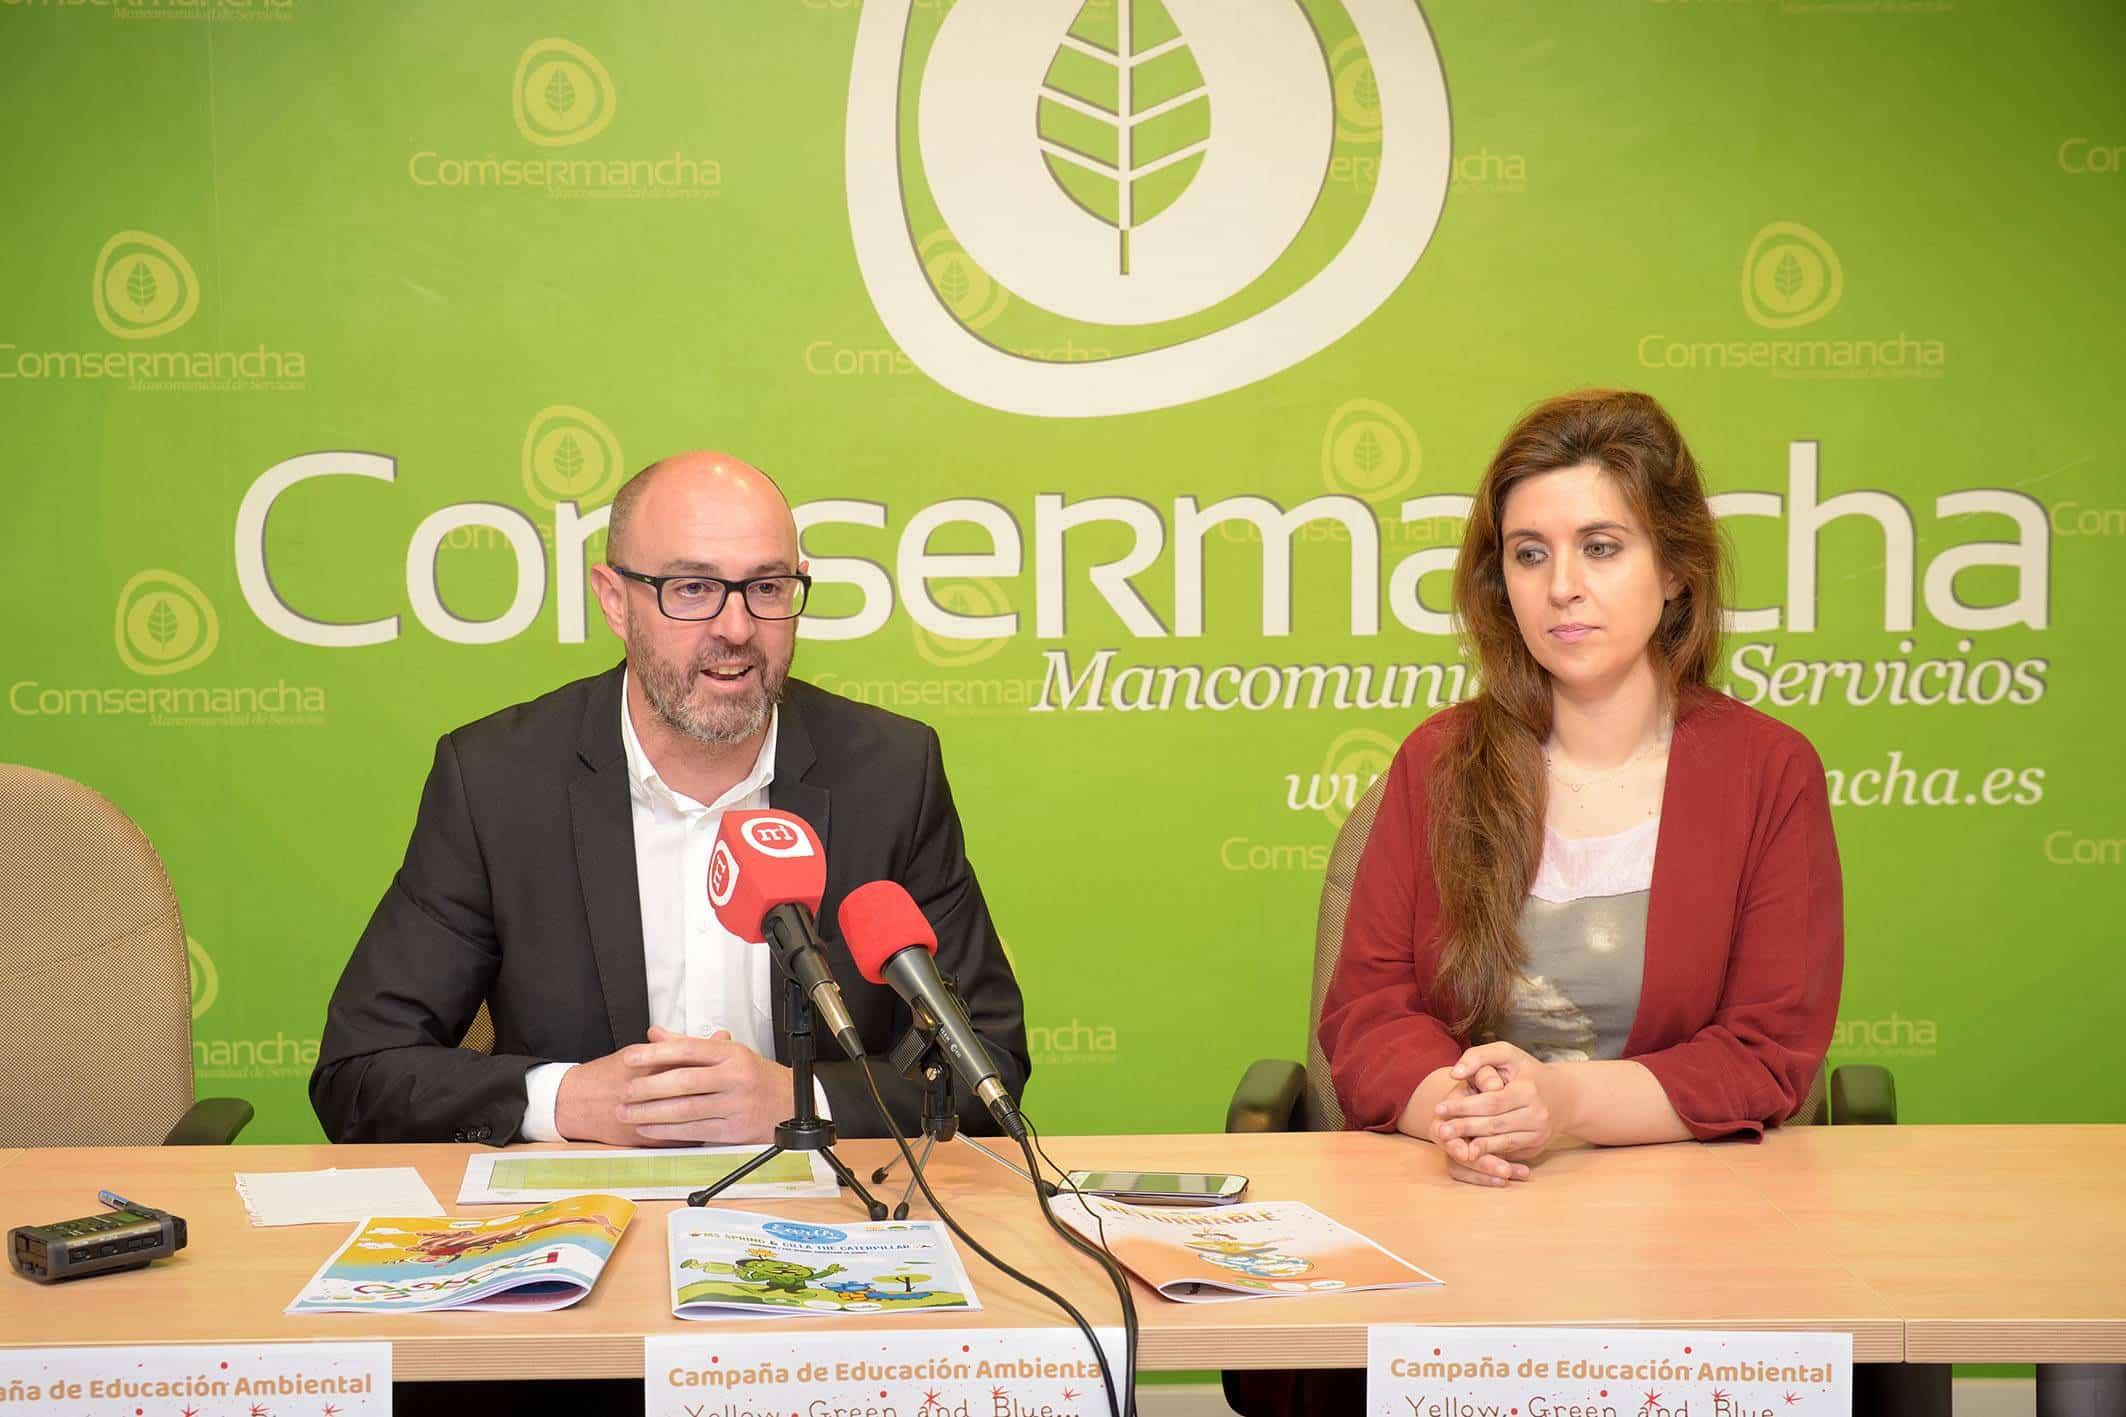 20180516 Campa Escolar Reciclaje en Ingles Comsermancha - La campaña de reciclaje en inglés de Comsermancha llegará a más de 5.000 escolares